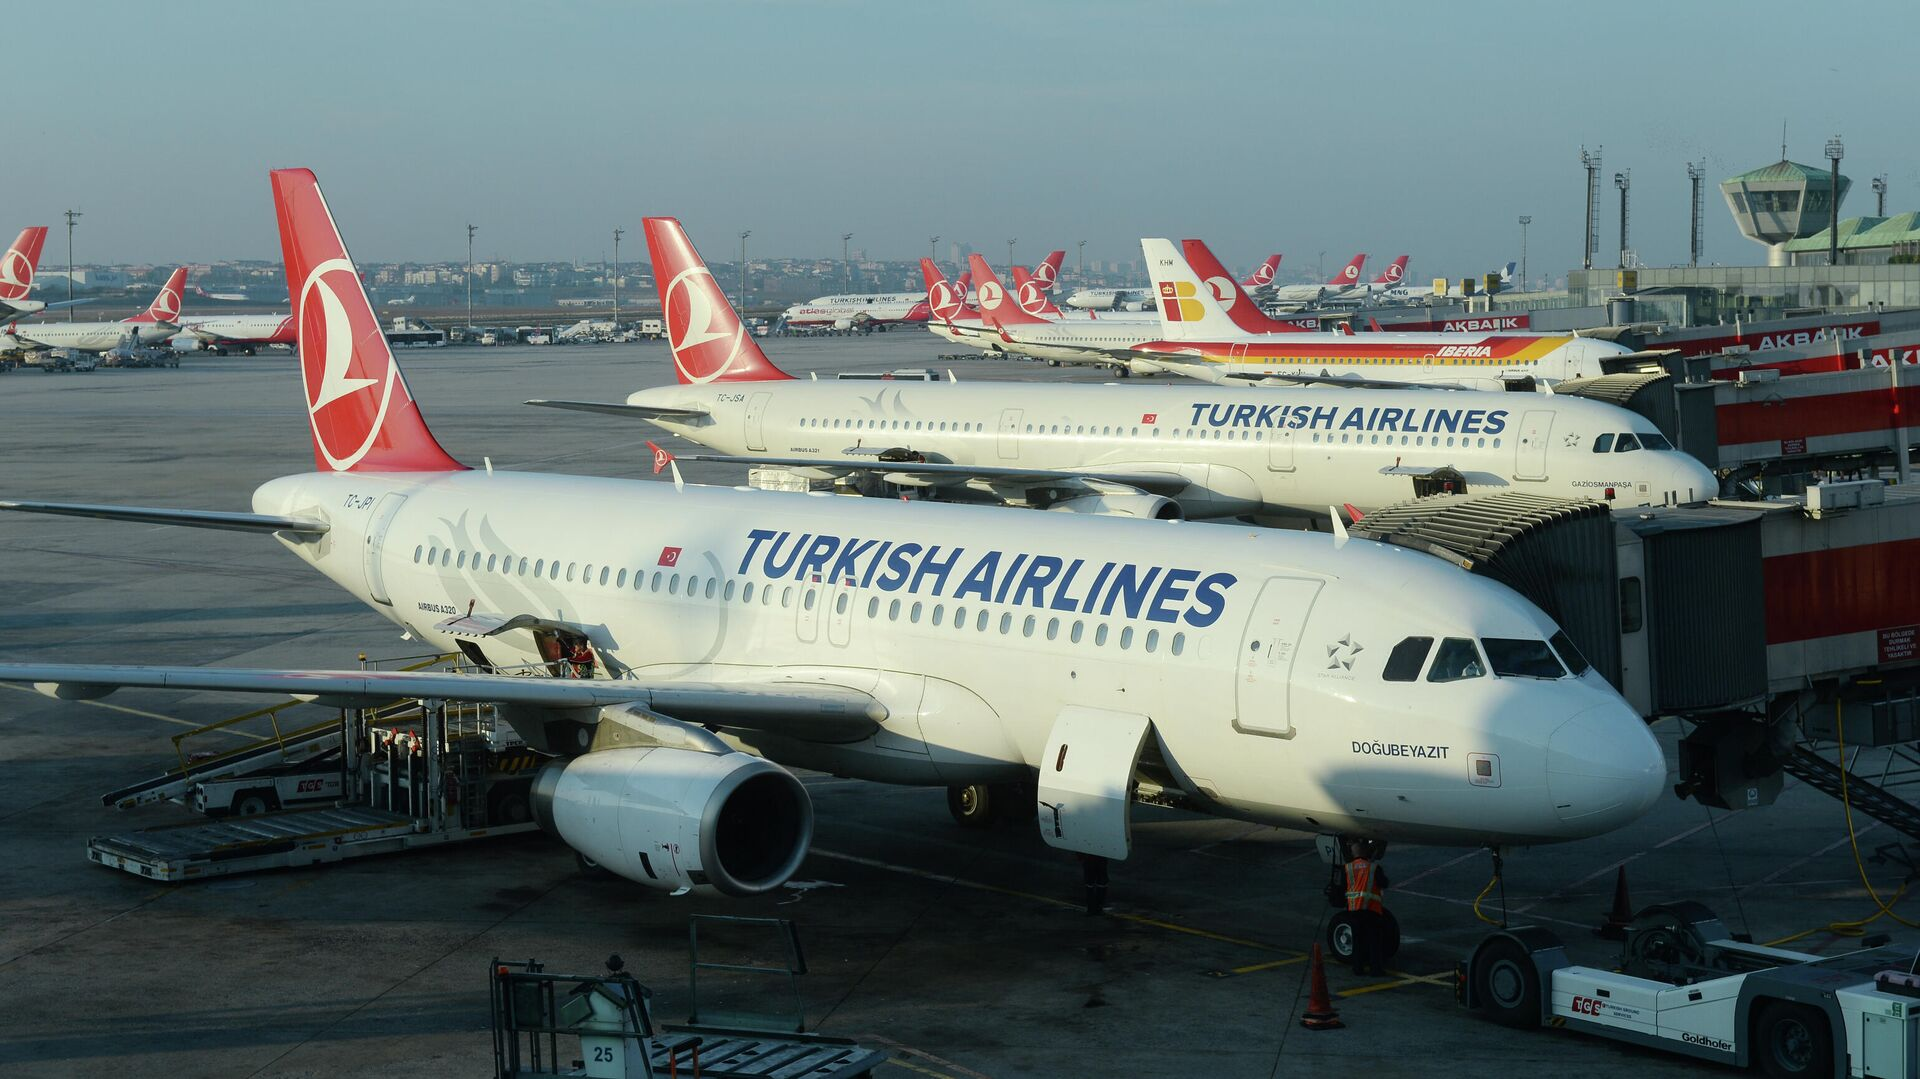 Самолеты авиакомпании Turkish Airlines в Международном аэропорту имени Ататюрка в Стамбуле - РИА Новости, 1920, 14.04.2021